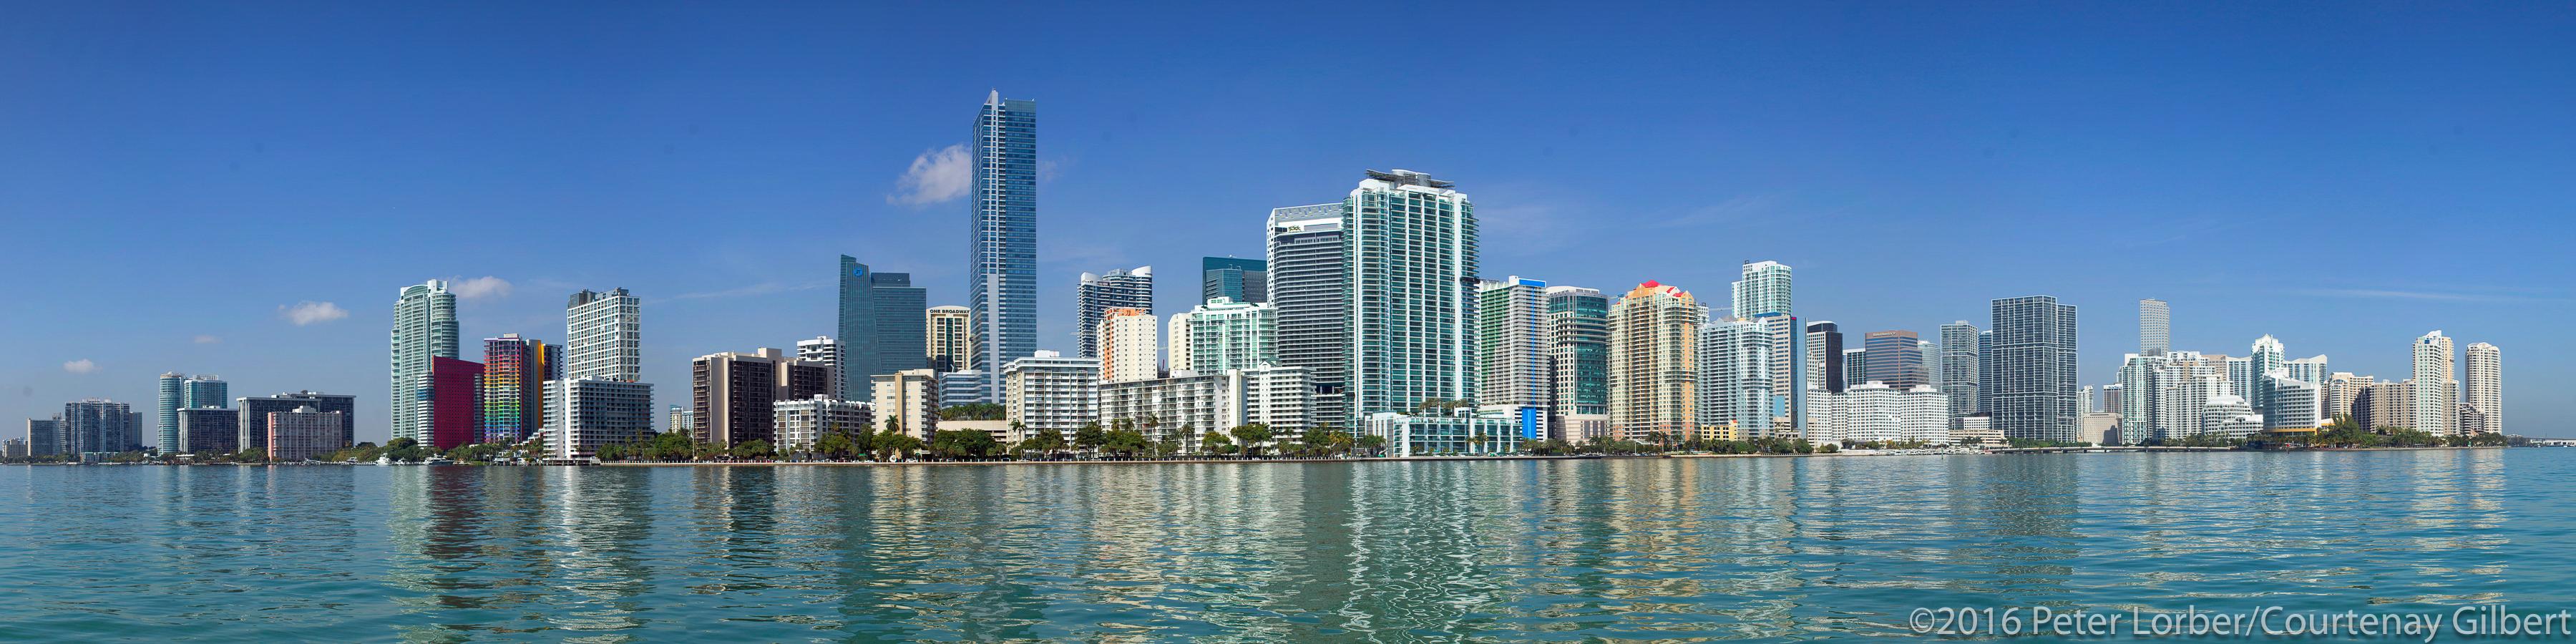 Miami Reflections II